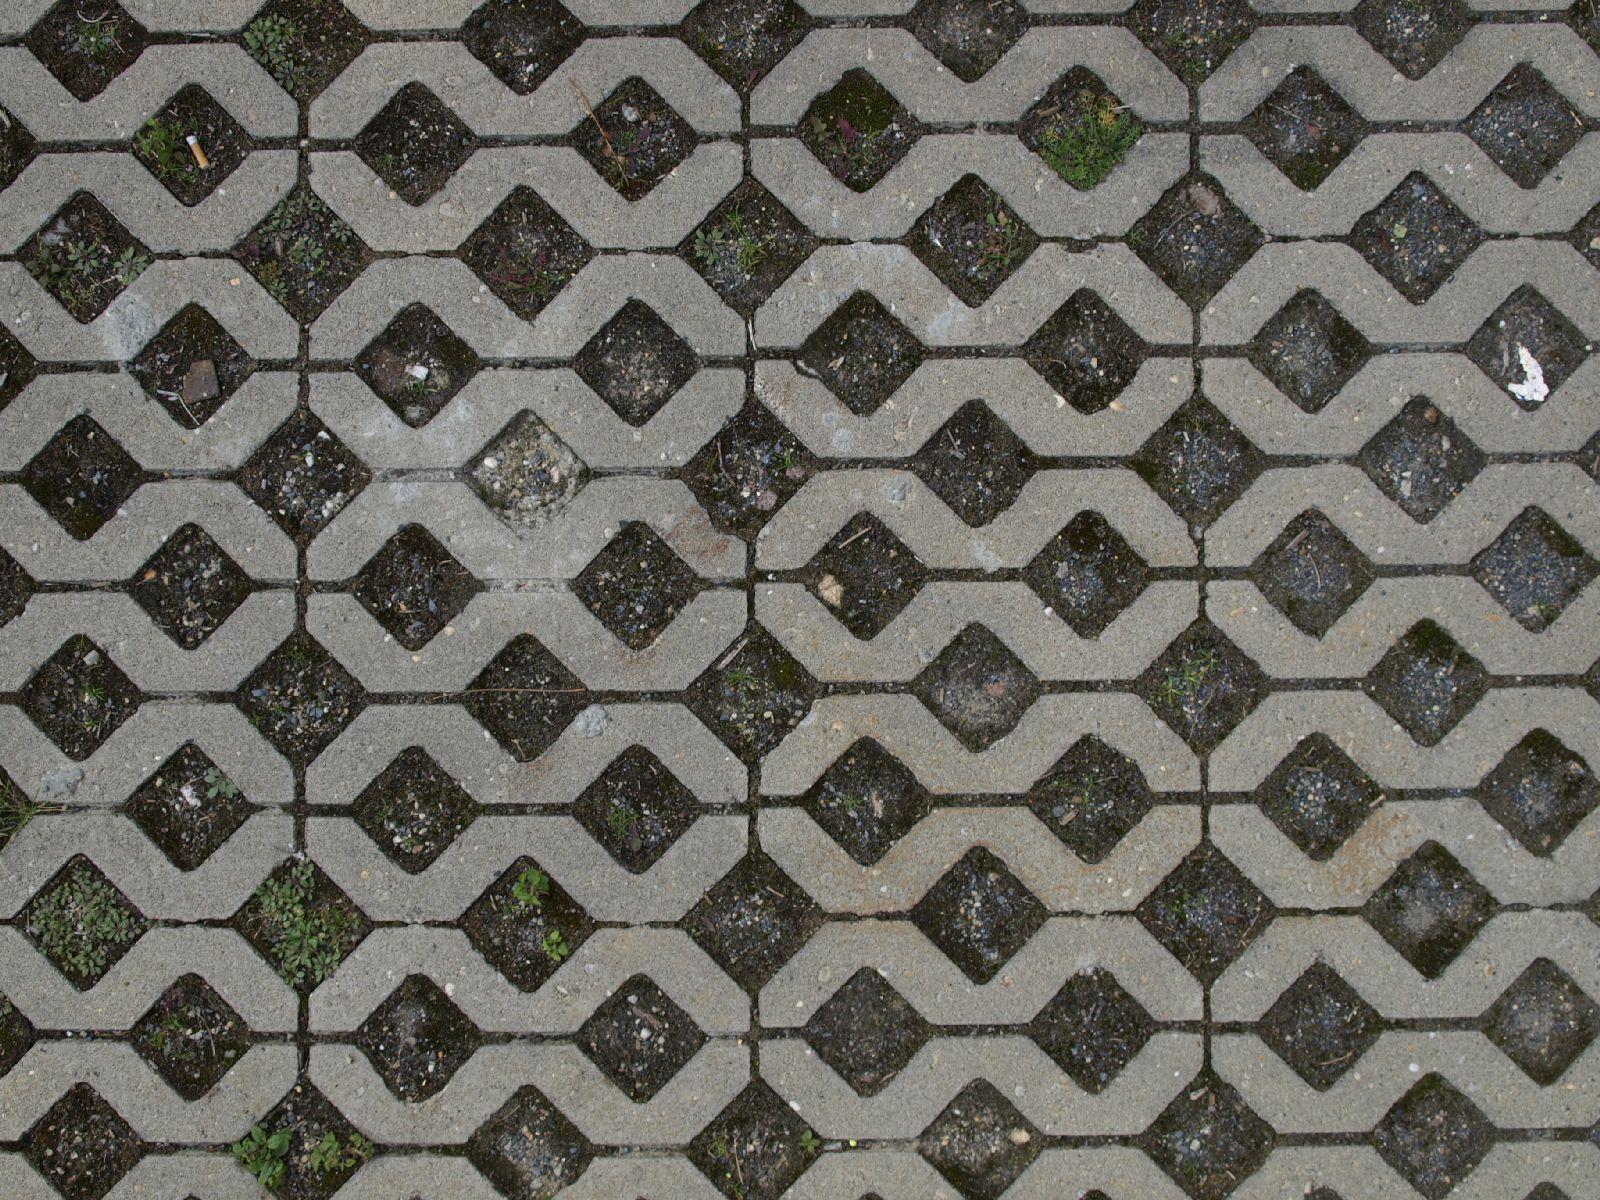 Boden-Gehweg-Strasse-Buergersteig-Textur_A_P9205311